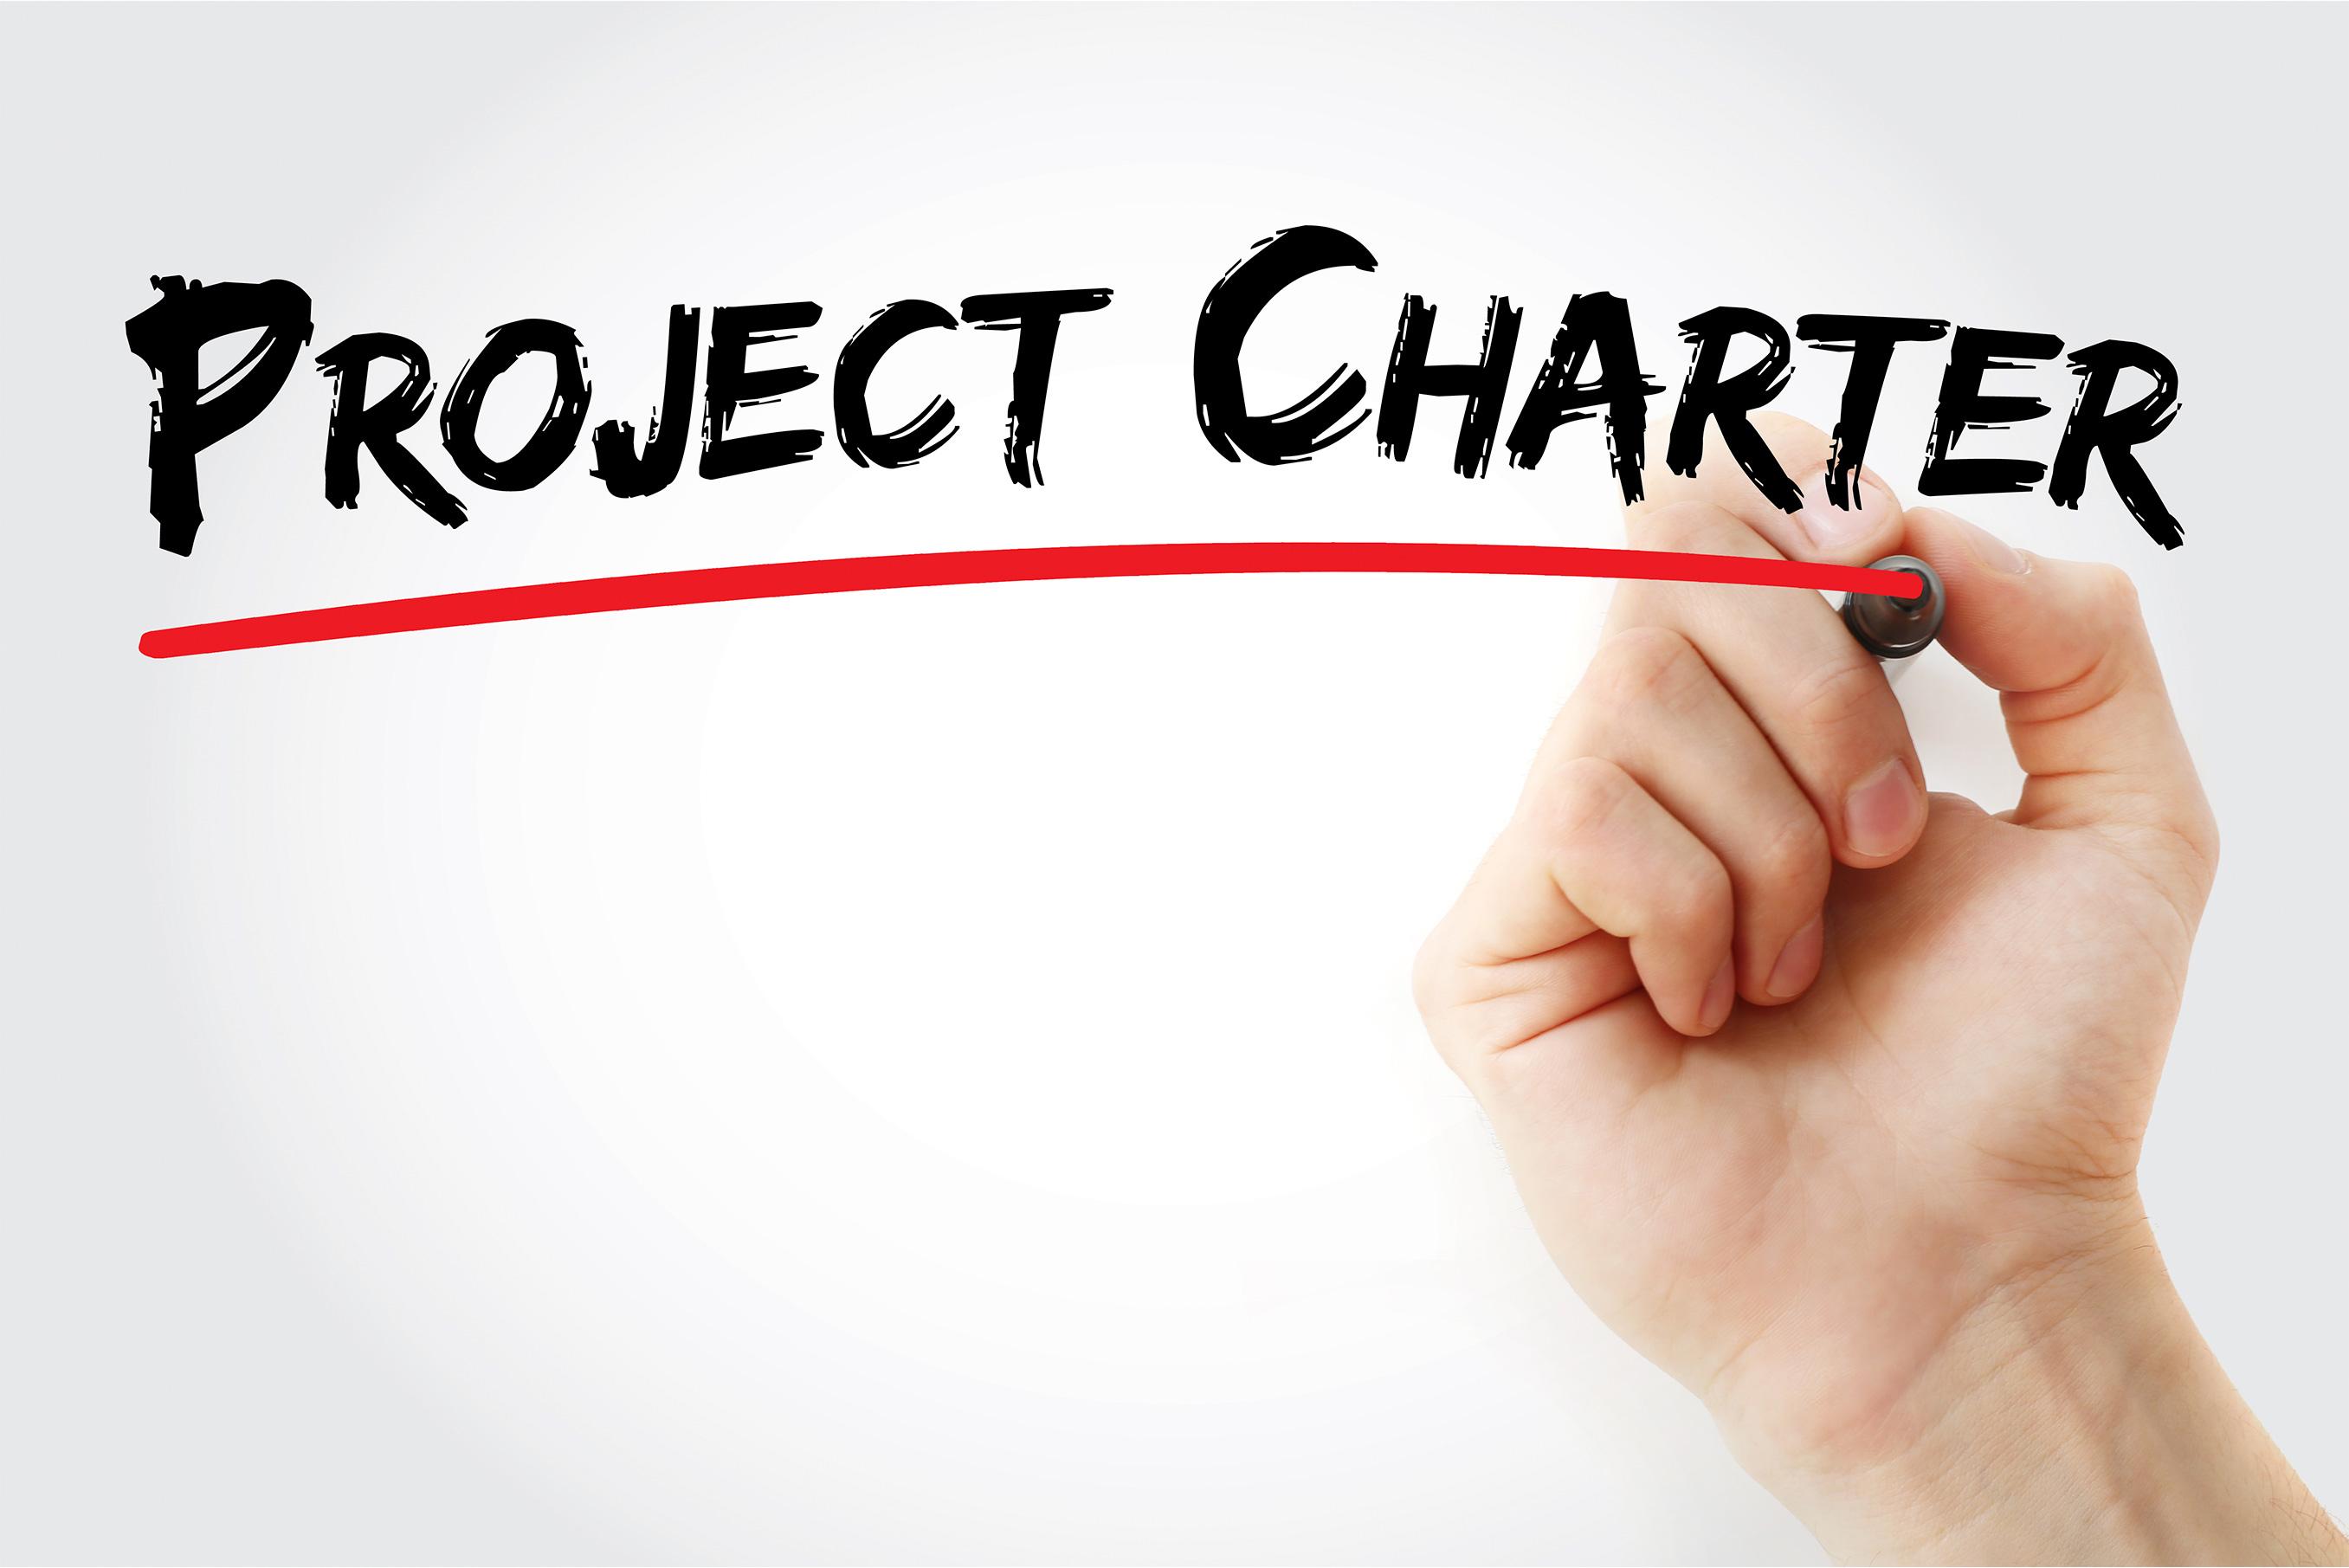 ¿Qué es un project charter en la administración de proyectos?